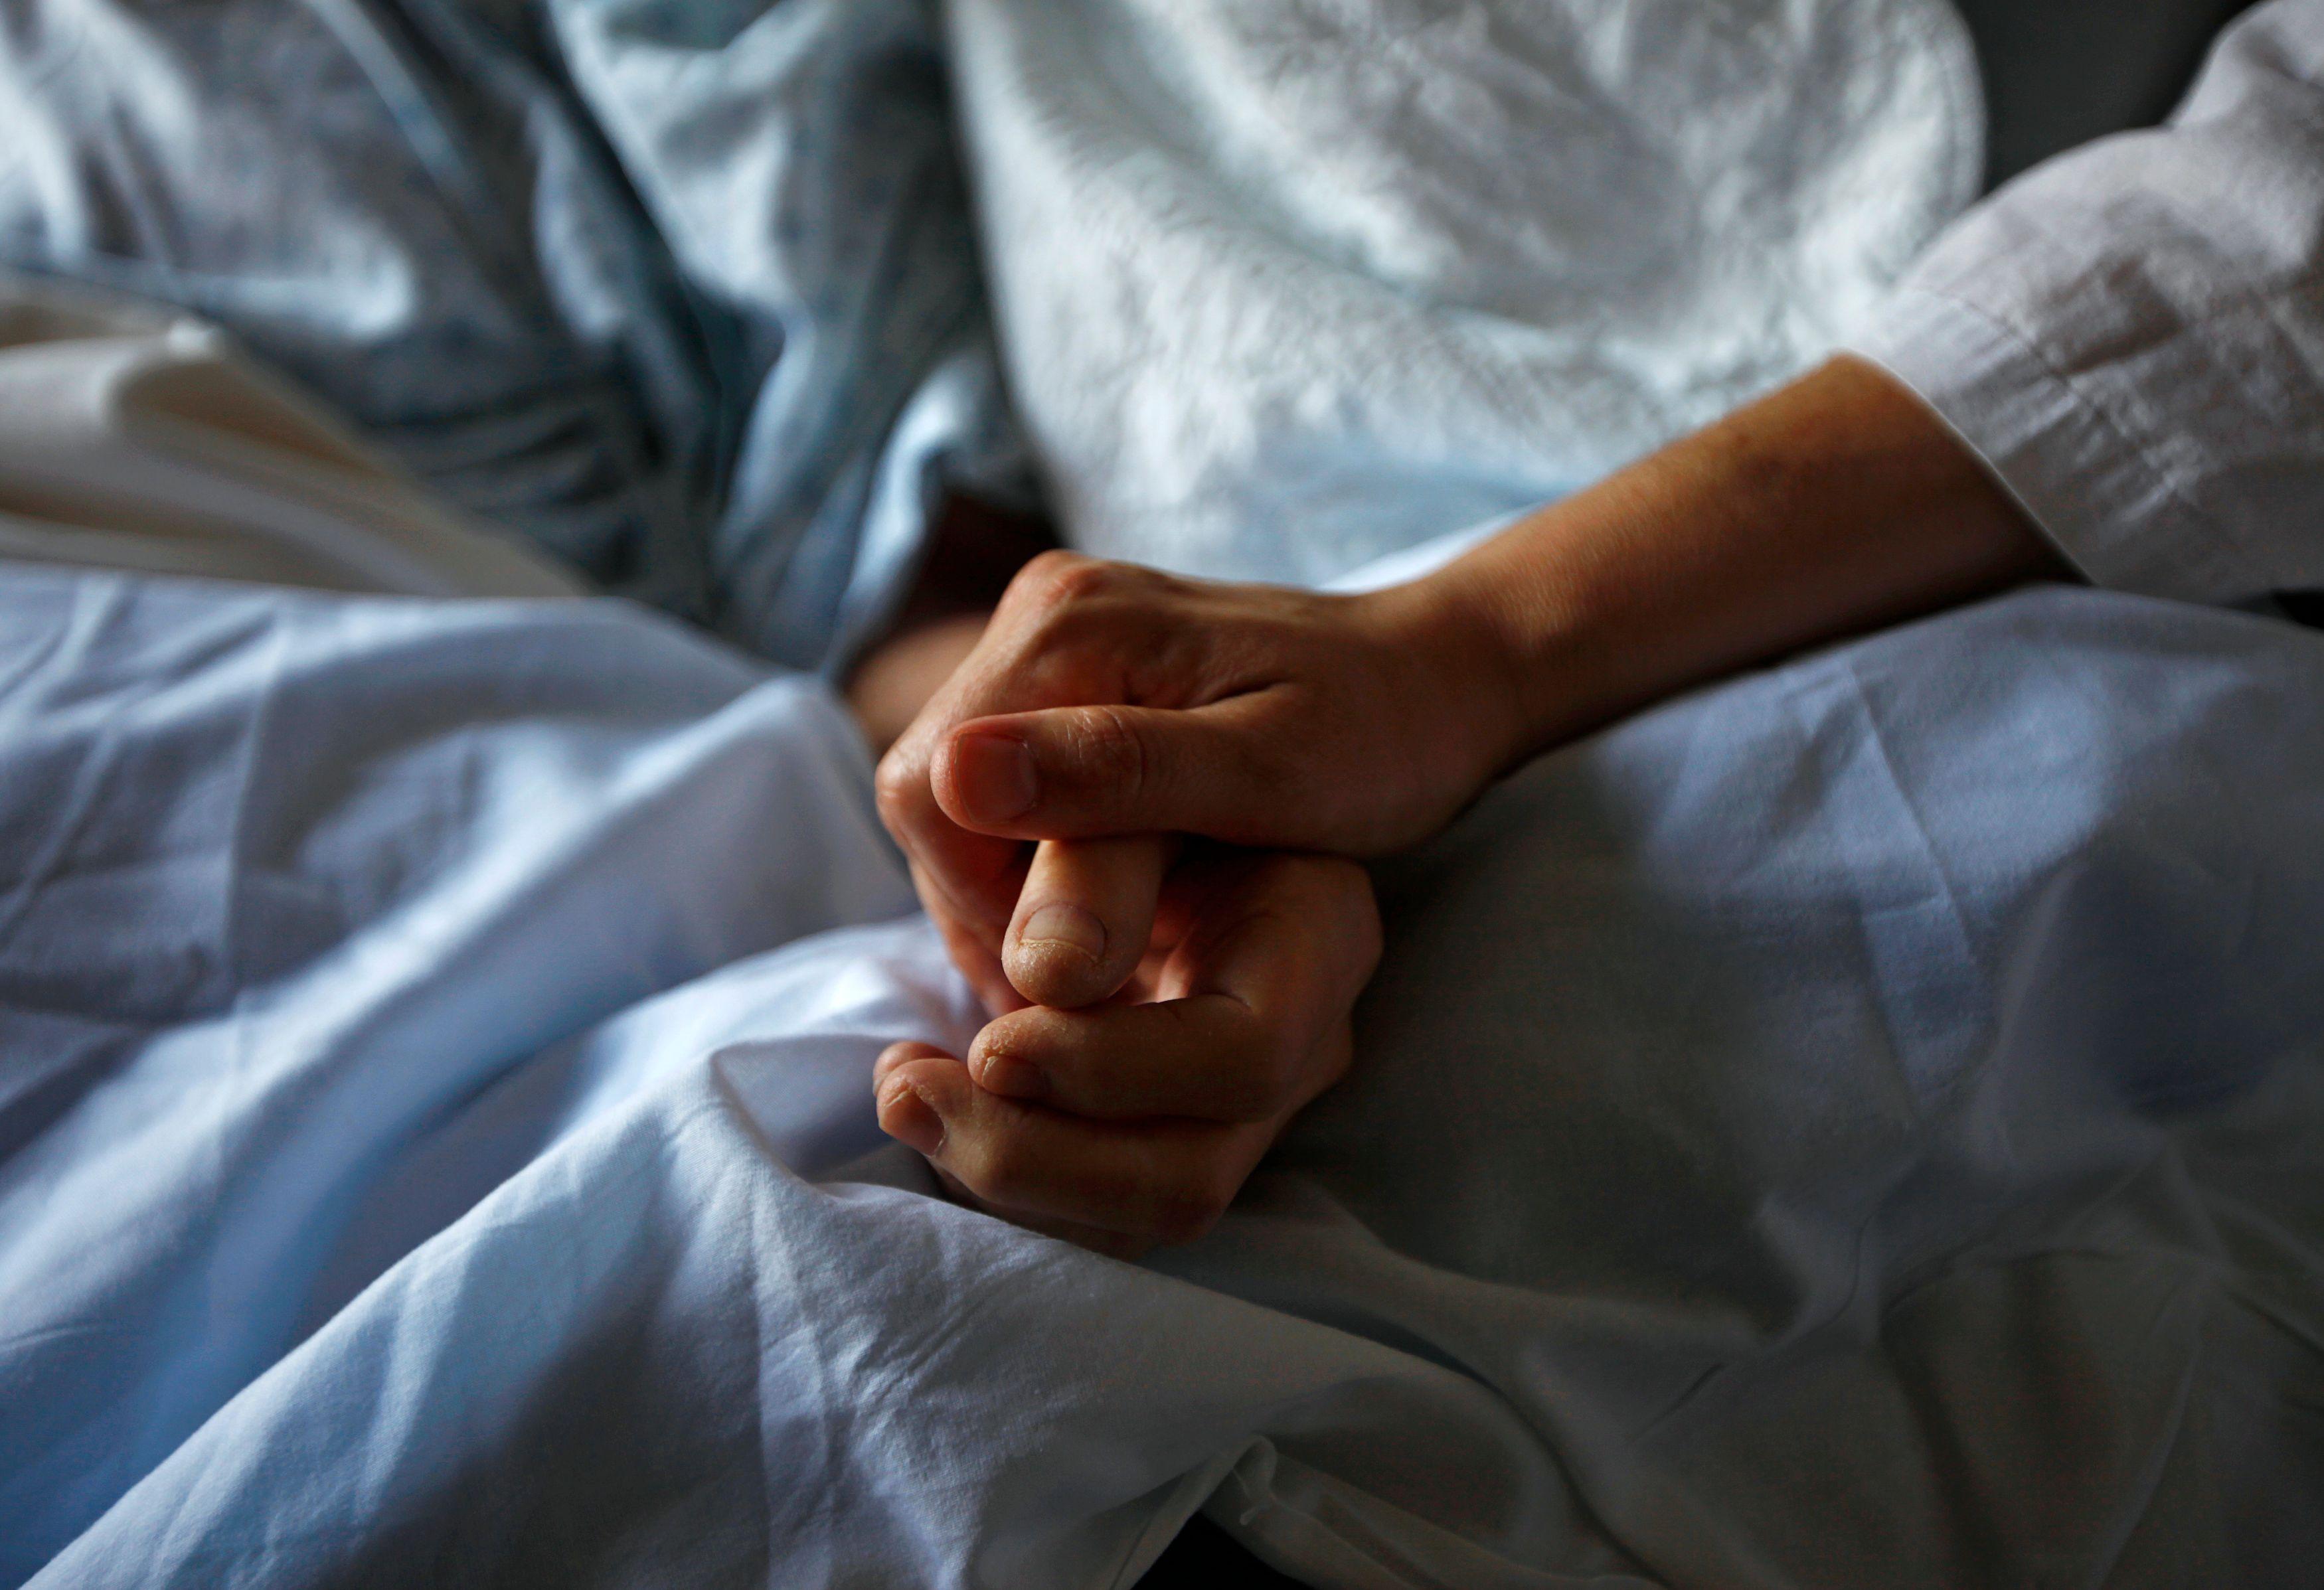 Euthanasie : la Belgique pourrait revenir sur une loi dont un cas extrême prouve qu'elle ouvre la porte à trop de dérives